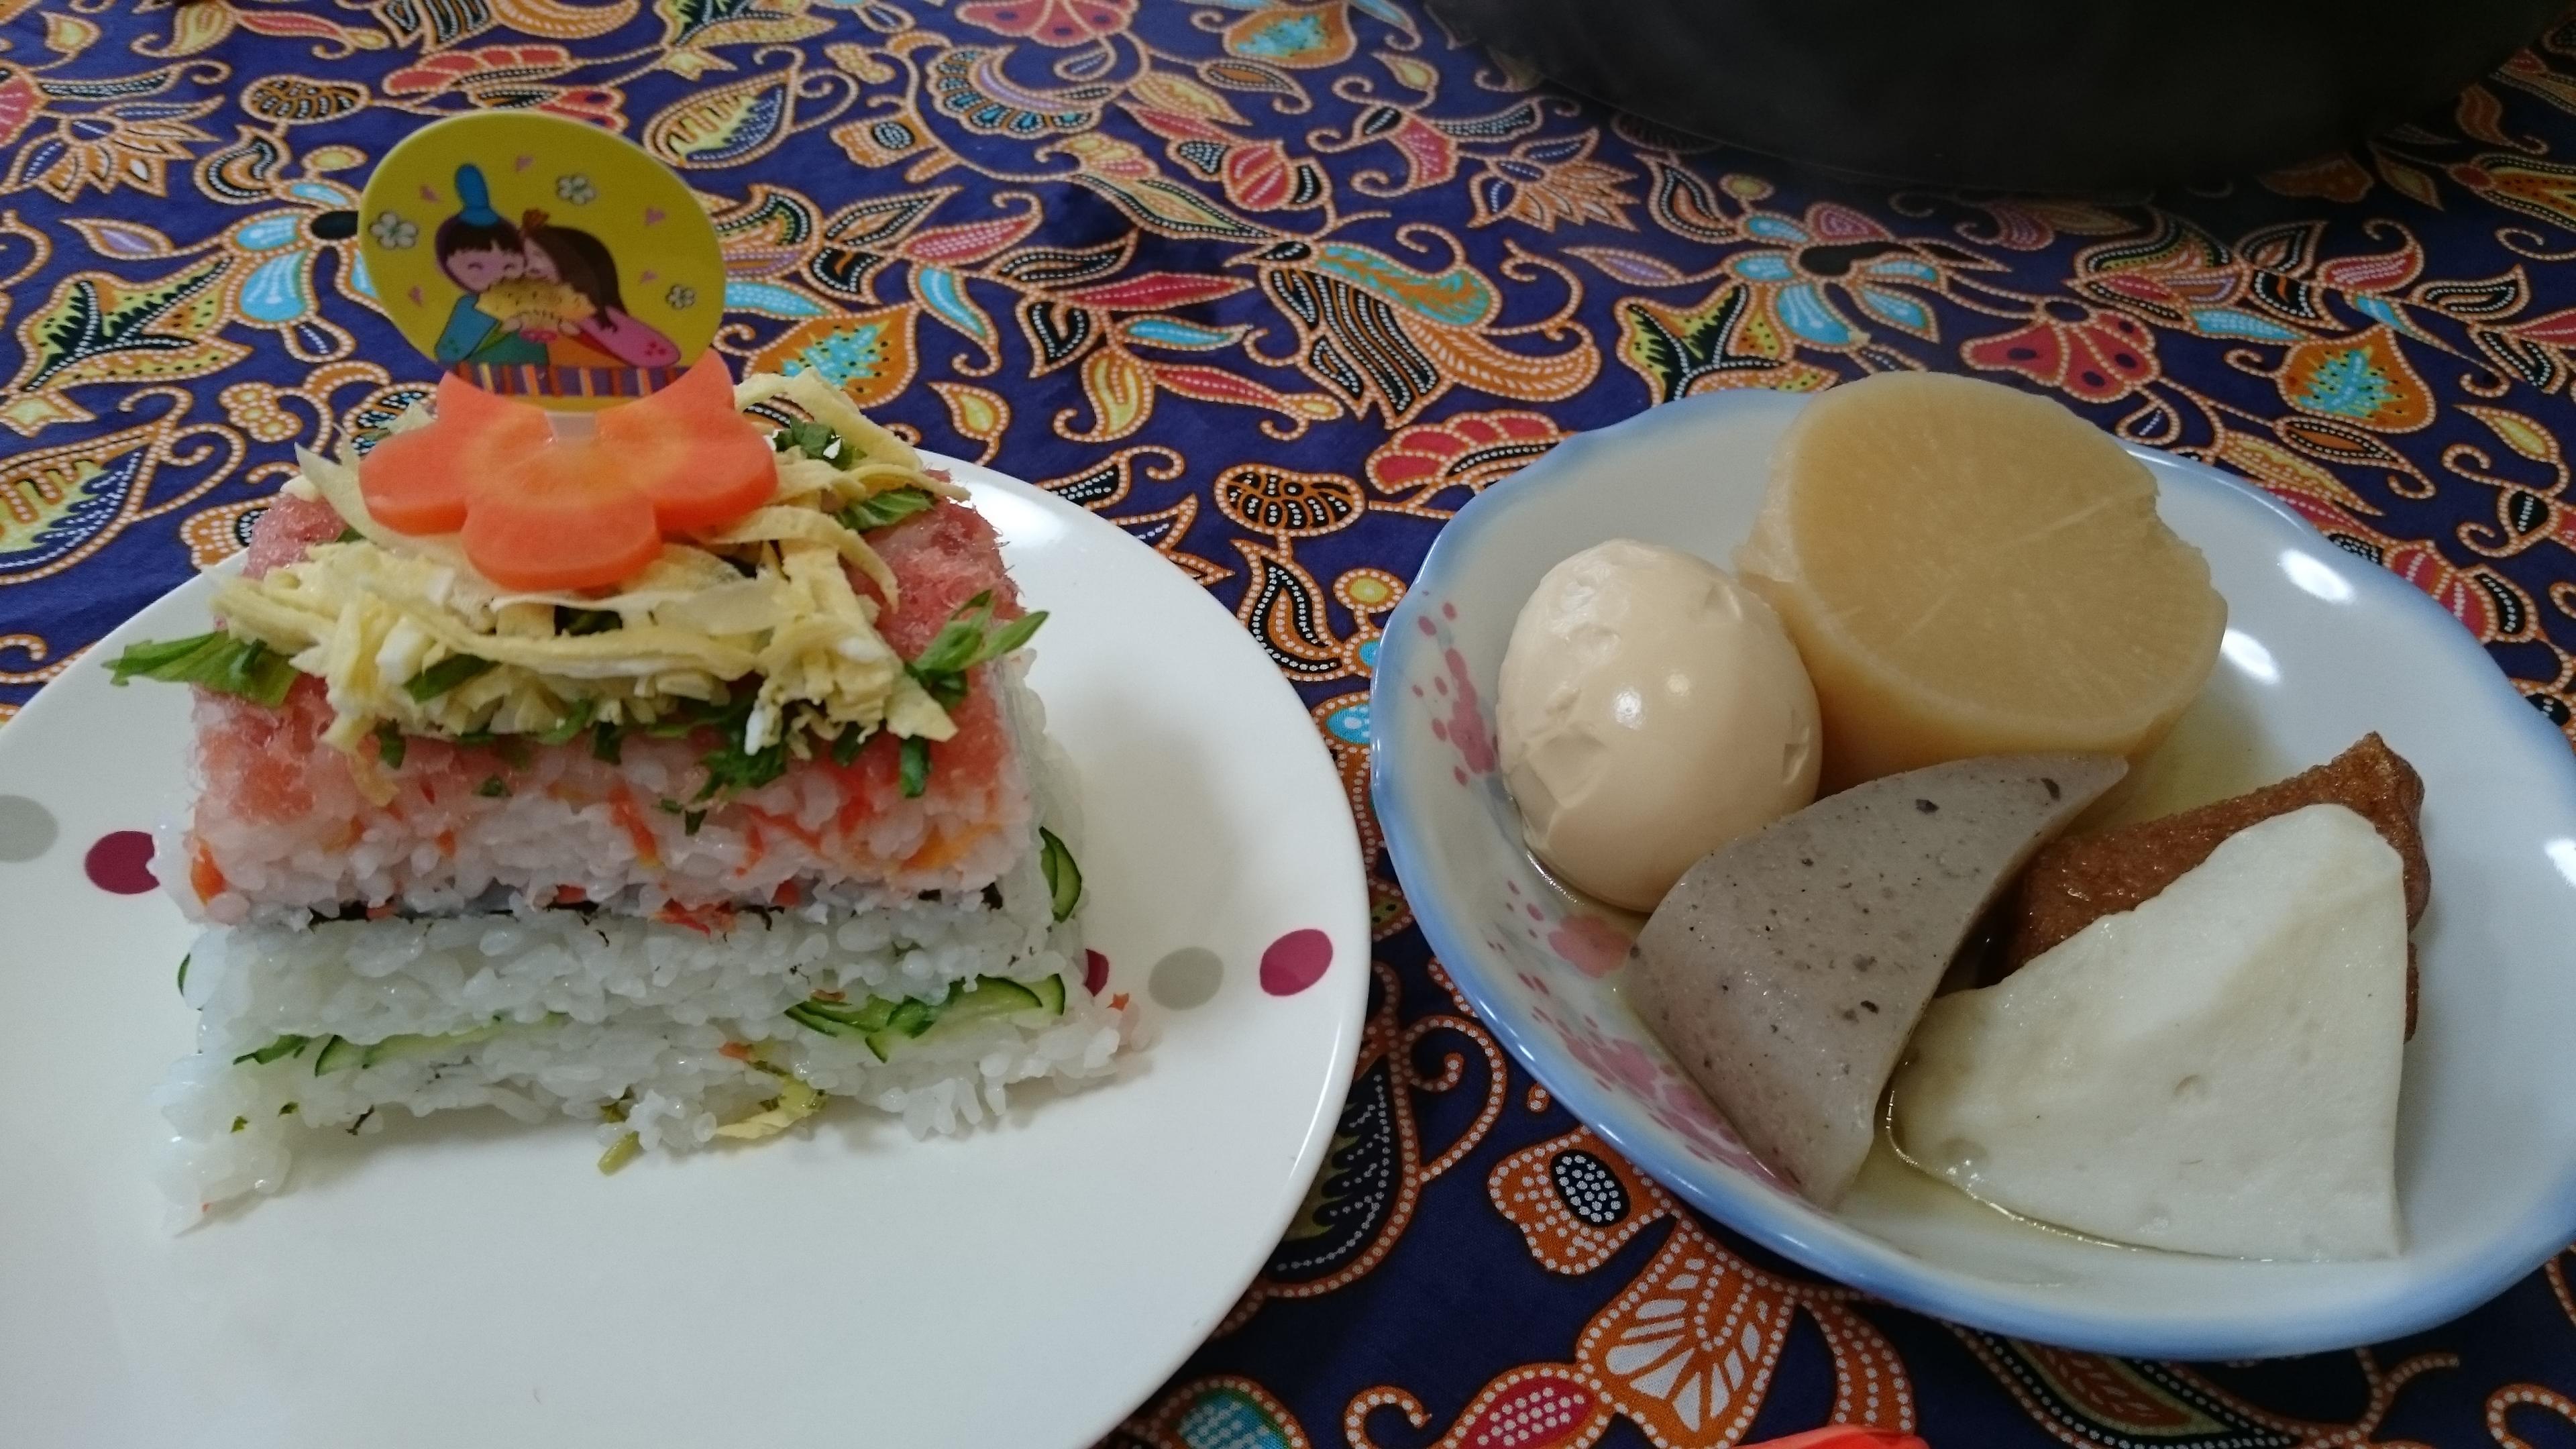 ちらし寿司 一人前 2017